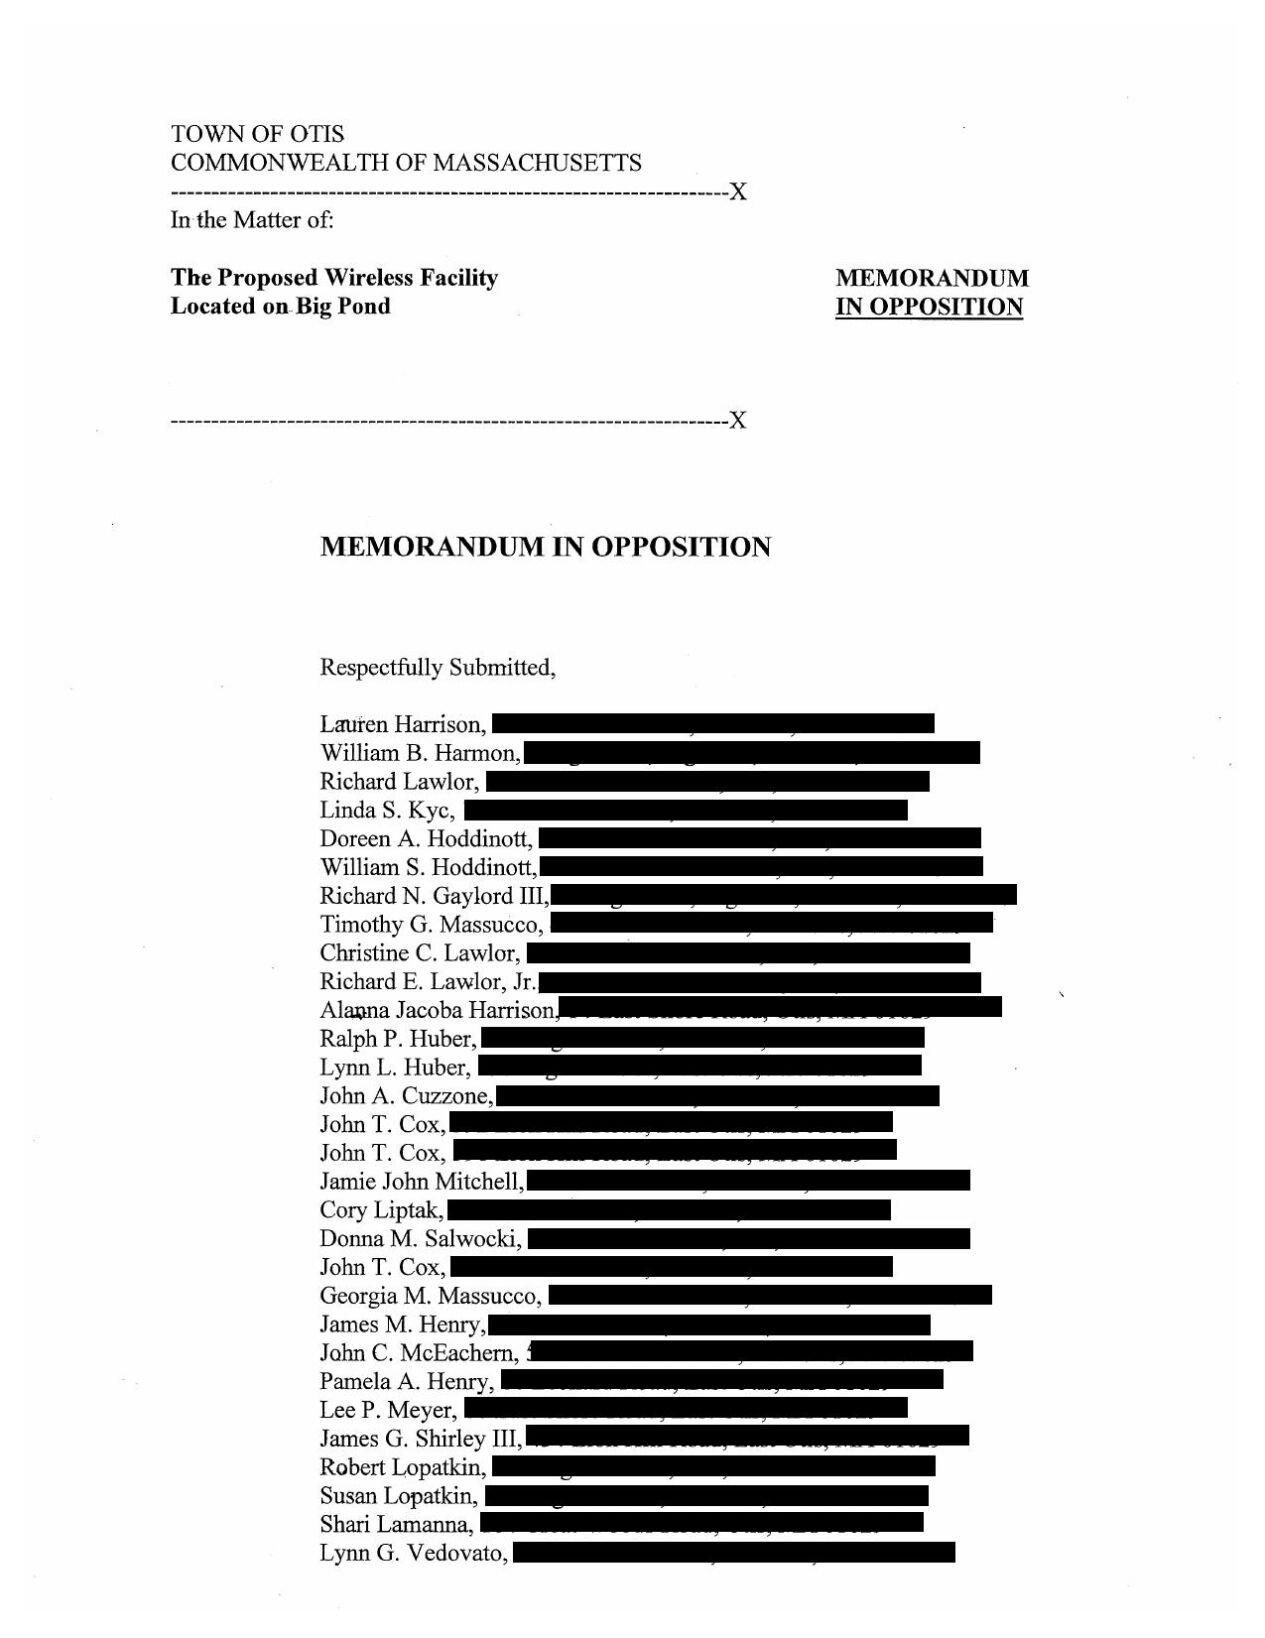 Memorandum in Opposition - Otis cell tower